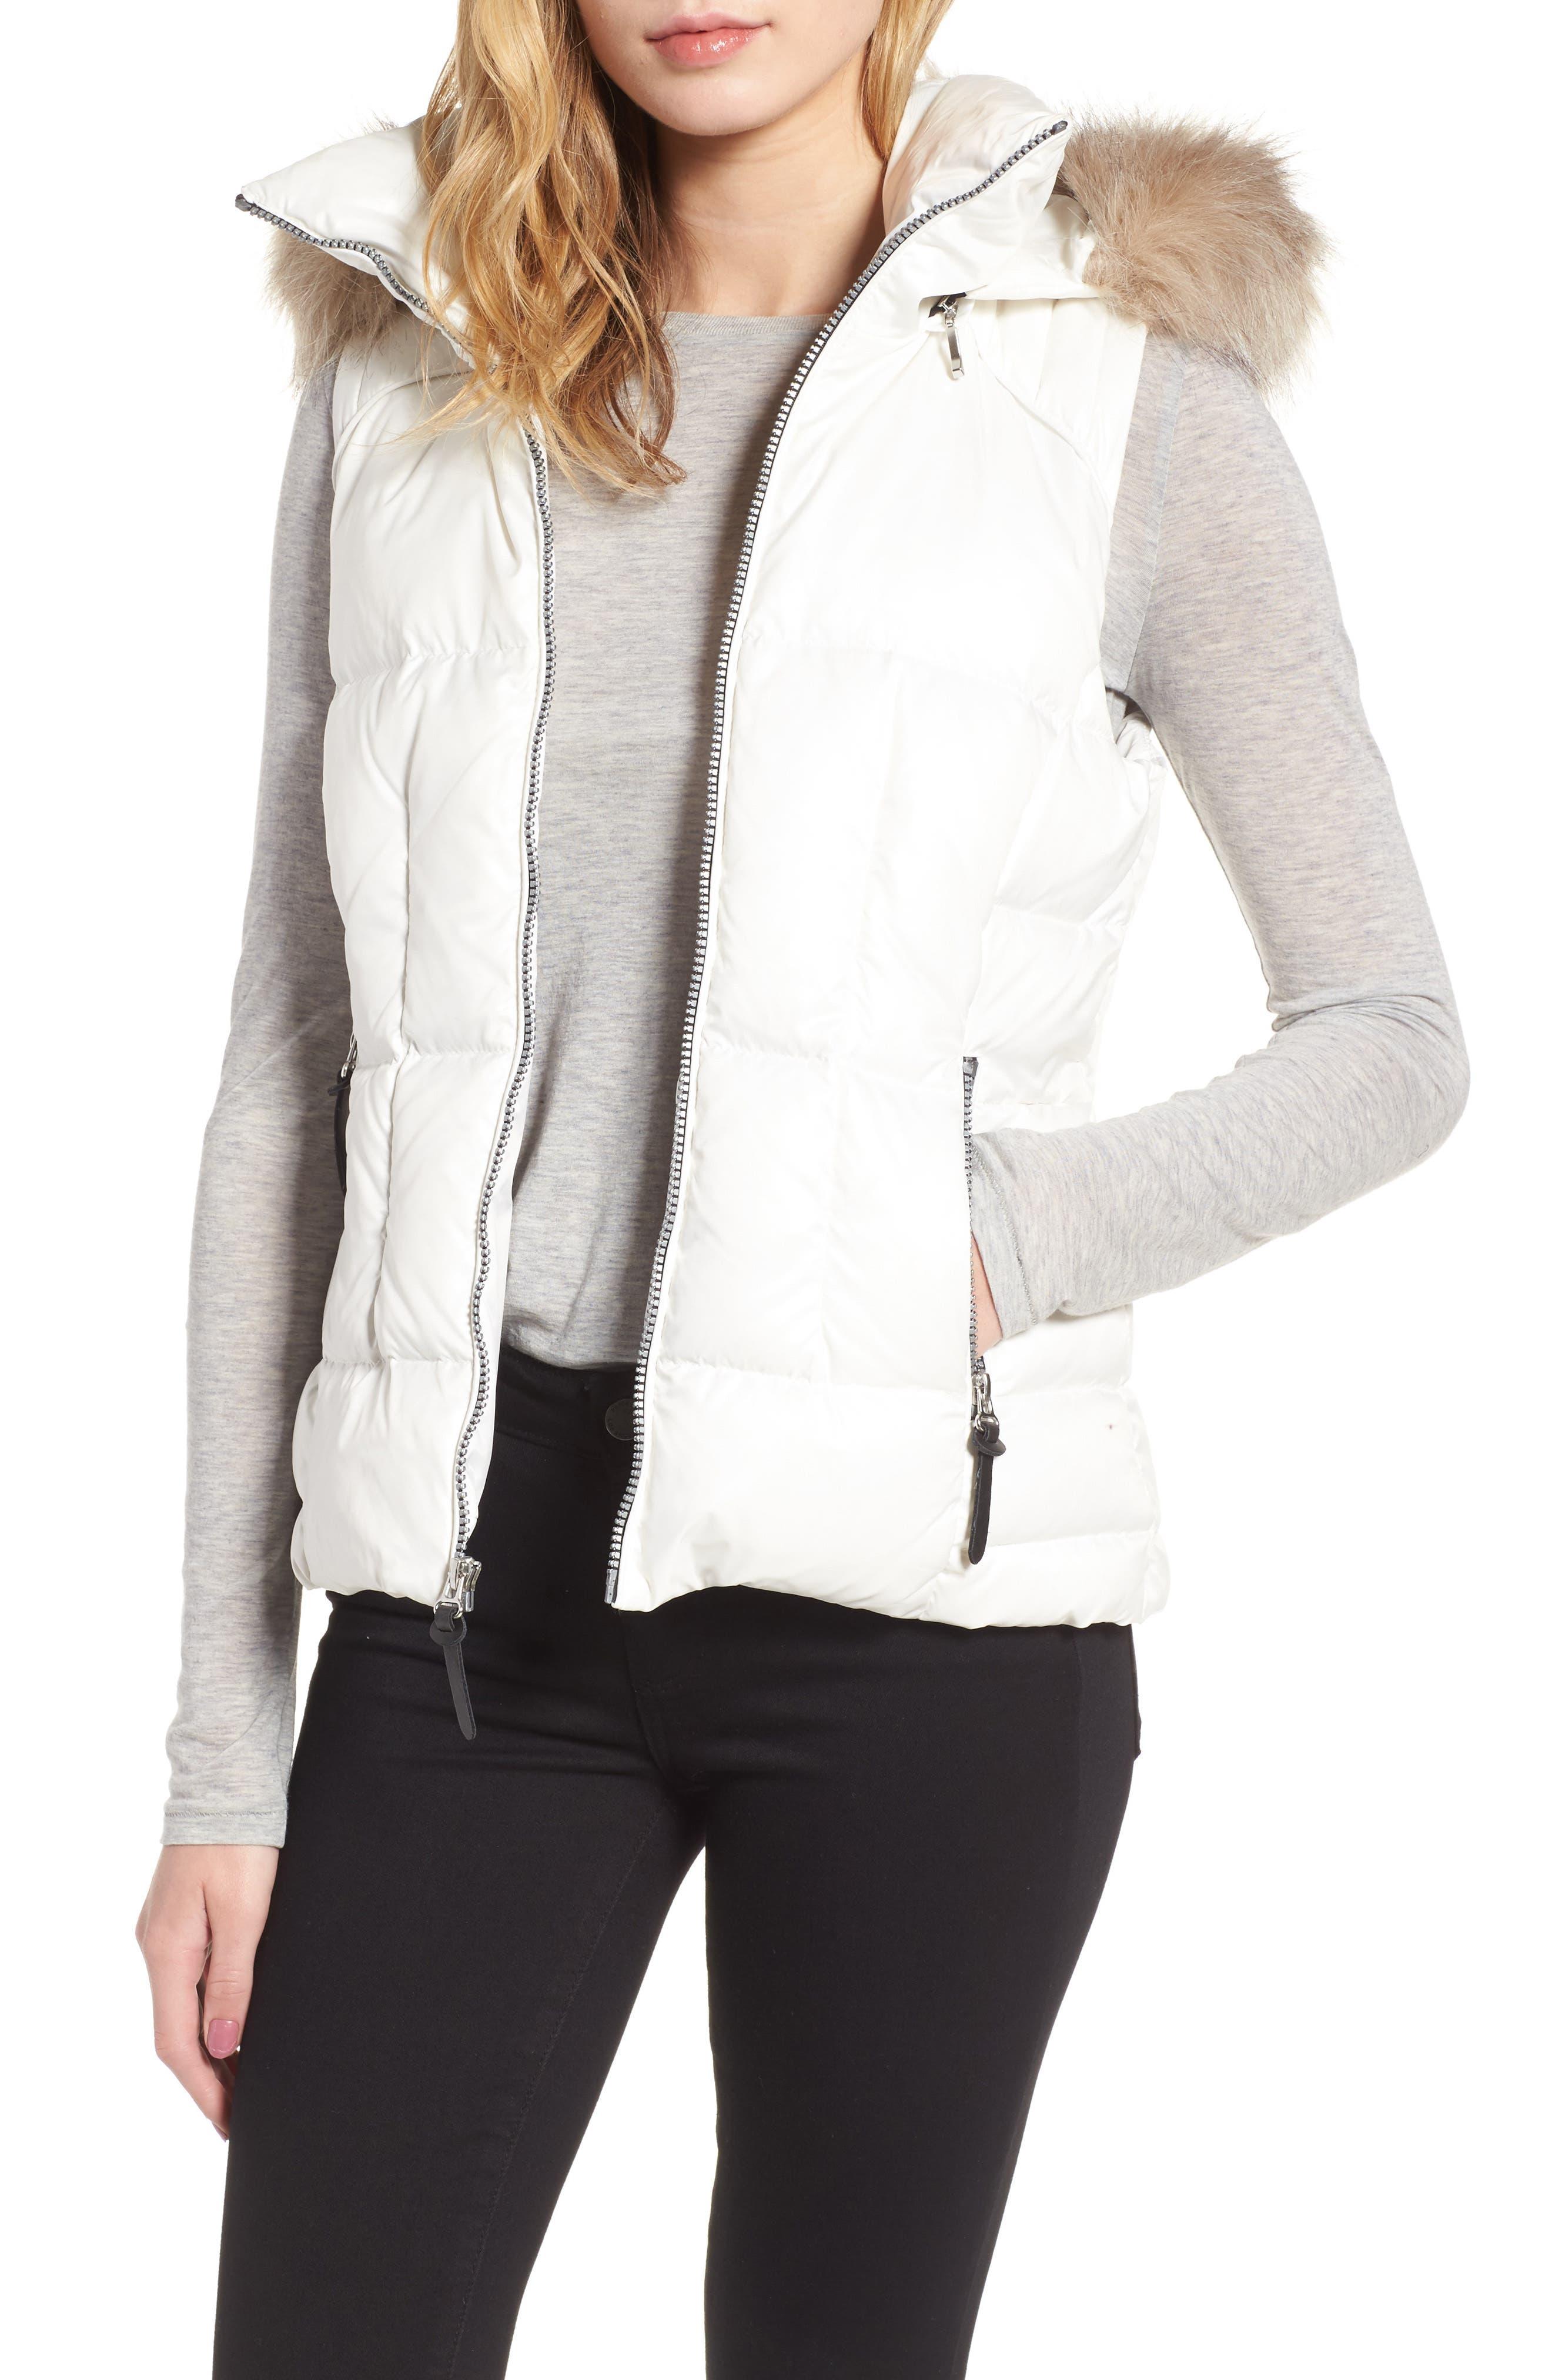 Lanie Puffer Vest with Faux Fur,                             Main thumbnail 1, color,                             100